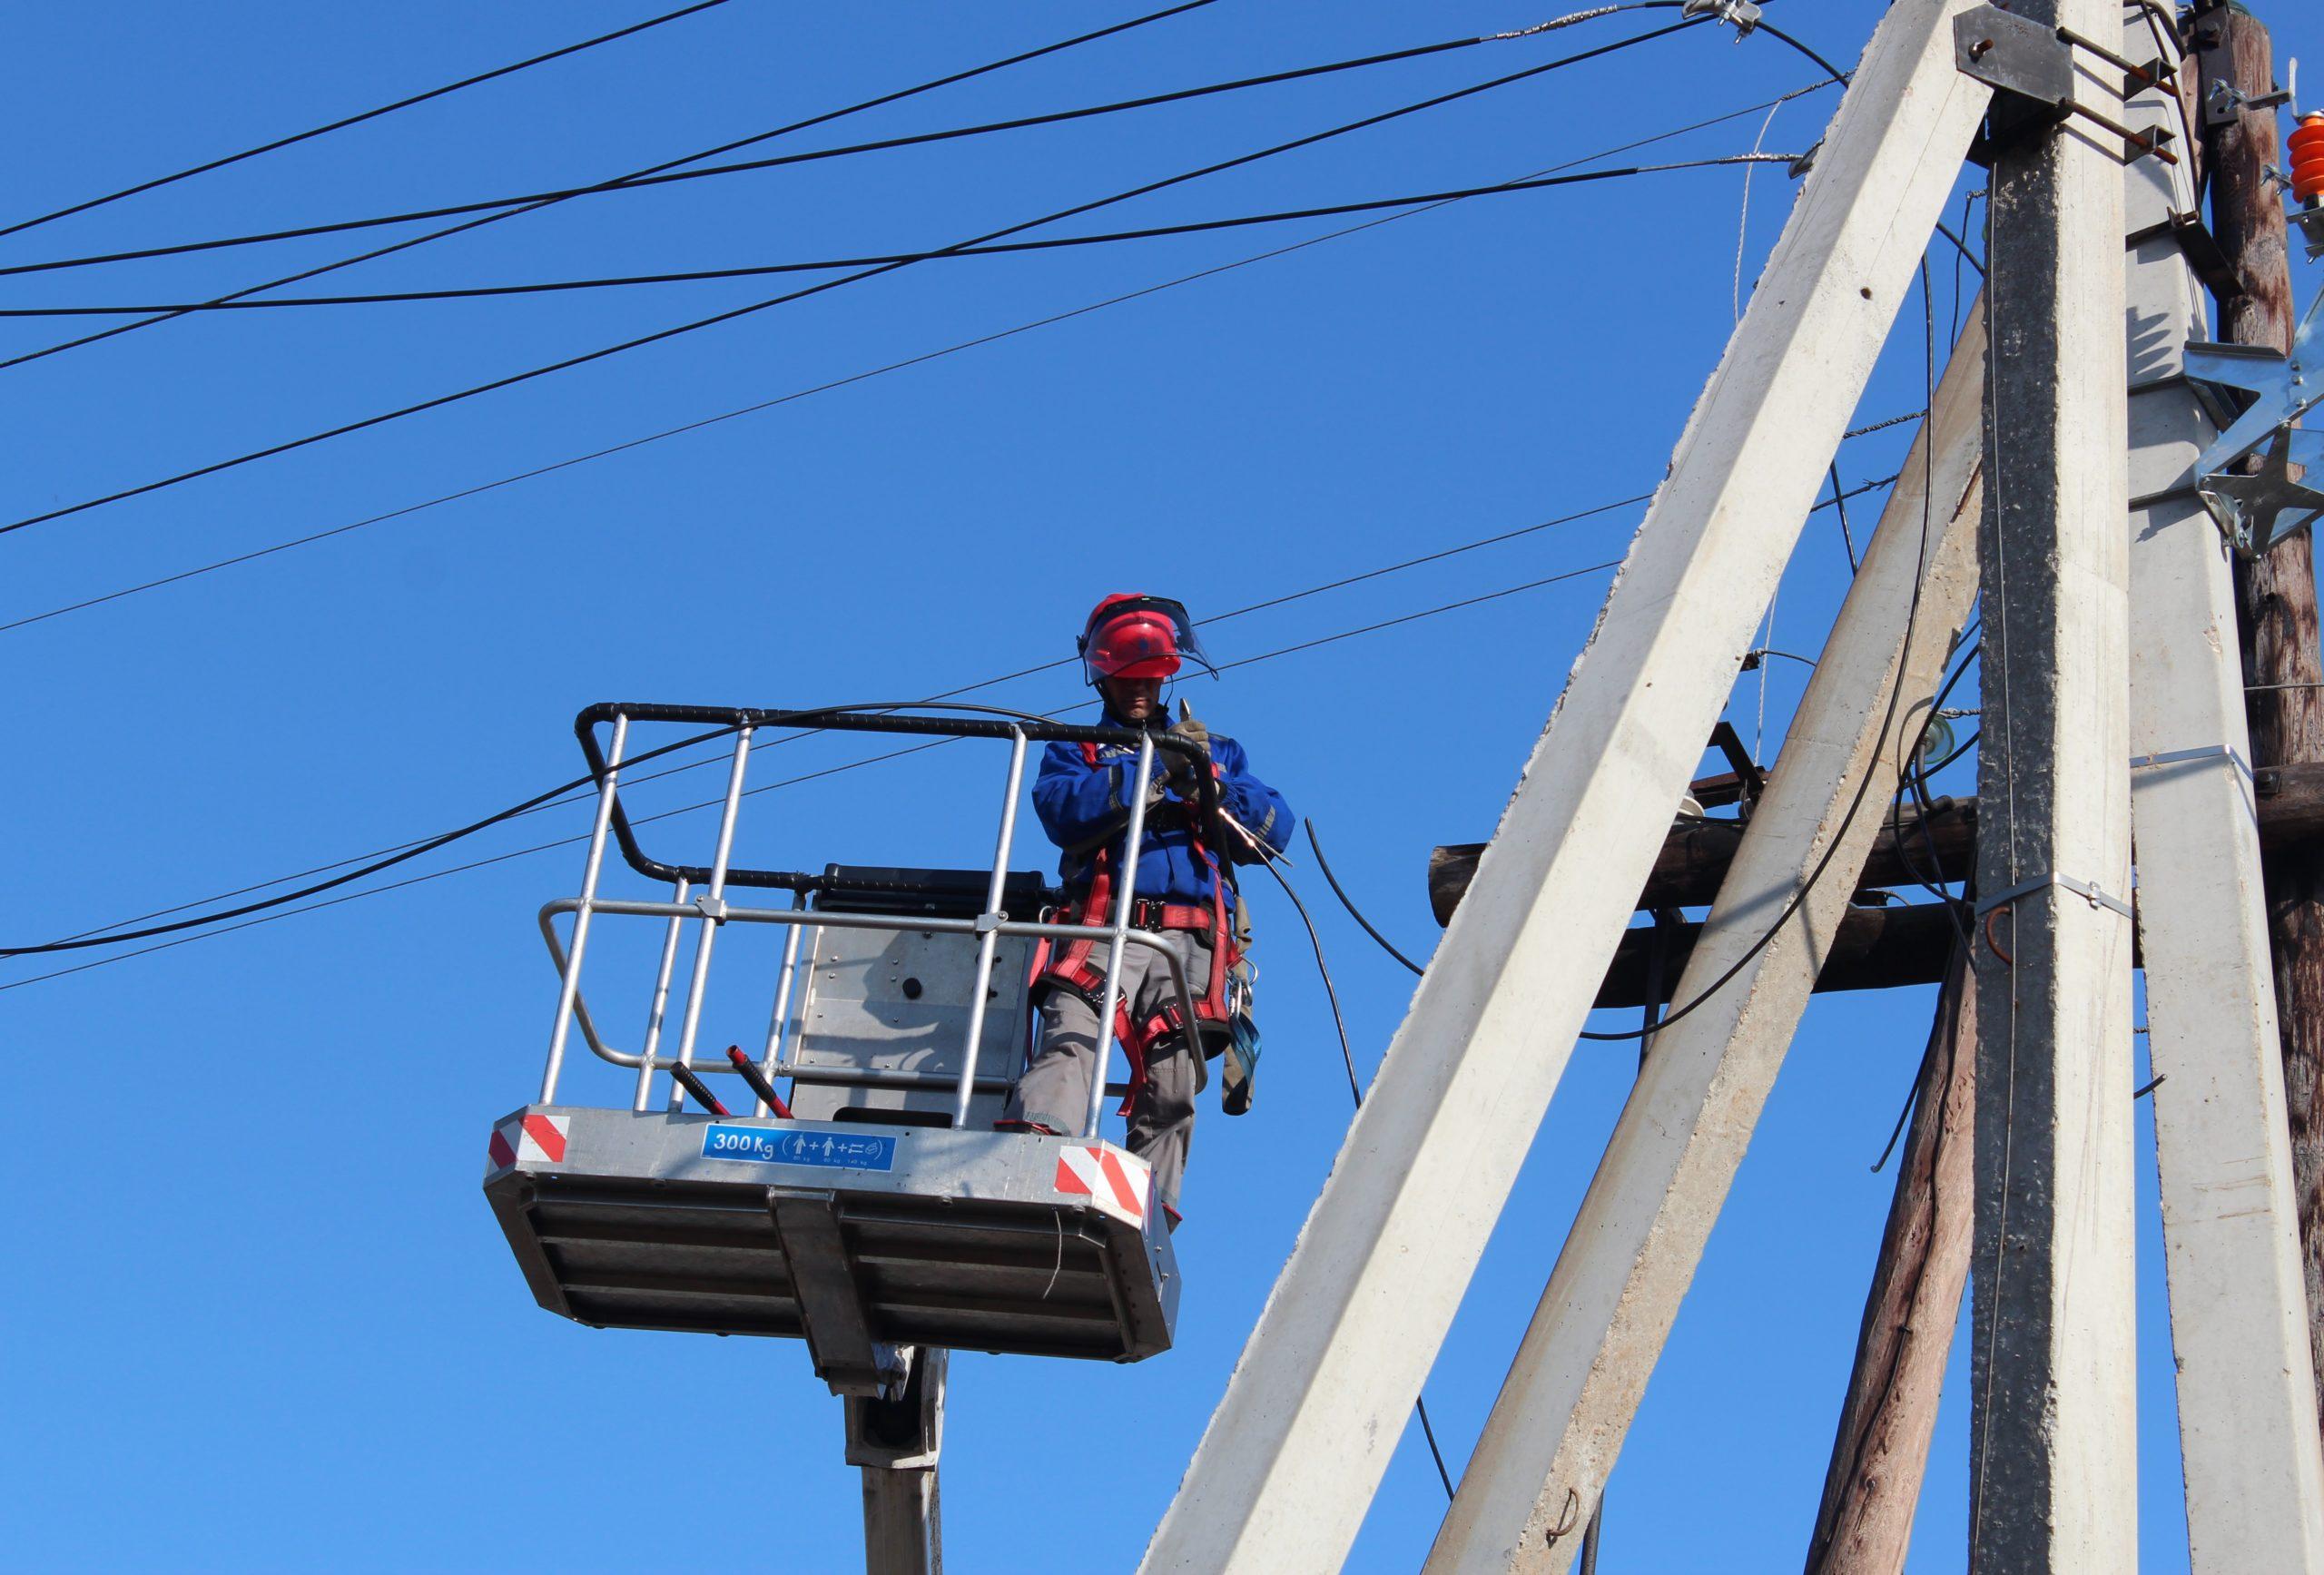 Энергетики мобилизовали все силы и средства для восстановления электроснабжения потребителей, нарушенного шквалистым ветром